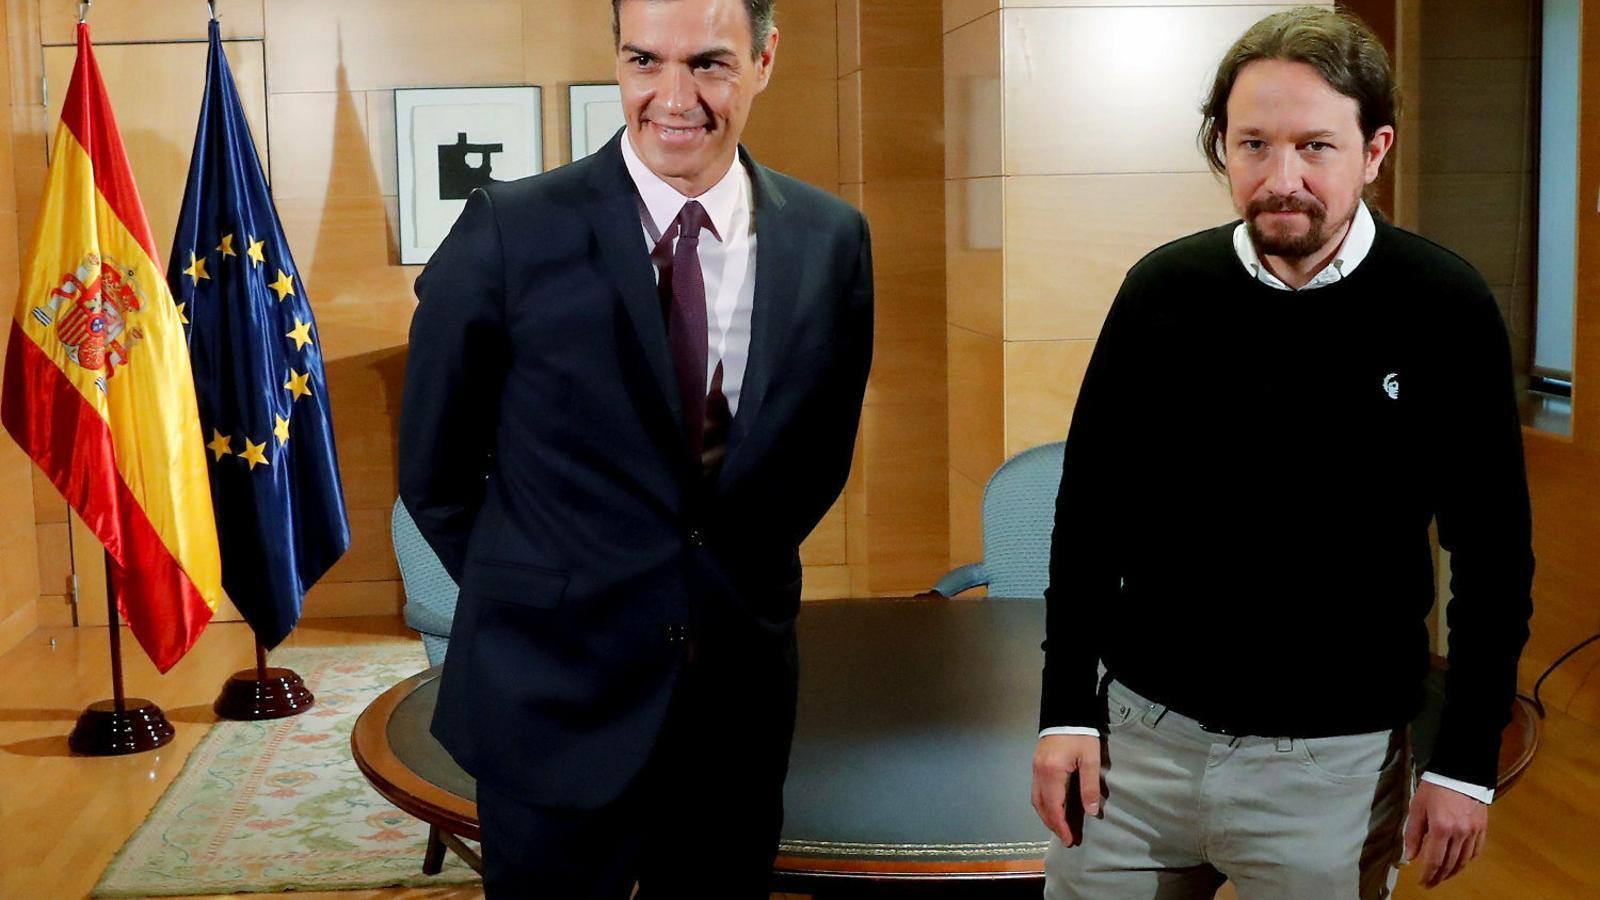 Pedro Sánchez i Pablo Iglesias durant la reunió que tots dos van mantenir al Congrés el 7 de maig.